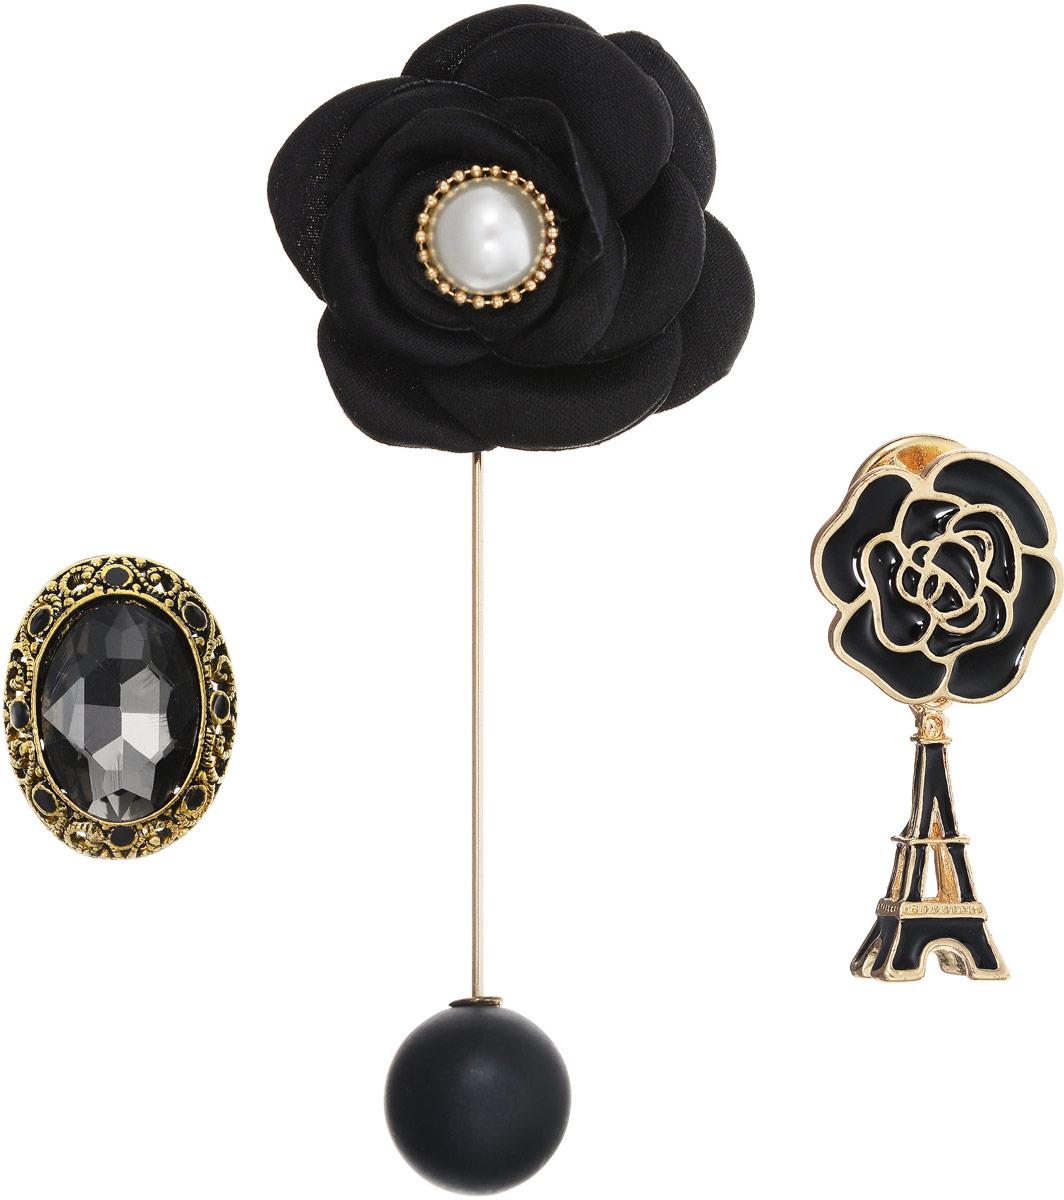 Брошь Taya, цвет: золотистый, 3 шт. T-B-12555Ажурная брошьИзысканный набор Taya из трех брошей: брошь-булавка, в которой снимается черная матовая жемчужина-шар; брошь-значок в виде черно-золотой розы и подвеской Эйфелевой башней; брошь-значок с графитовым кристаллом в богатой рамке цвета черненого золота.